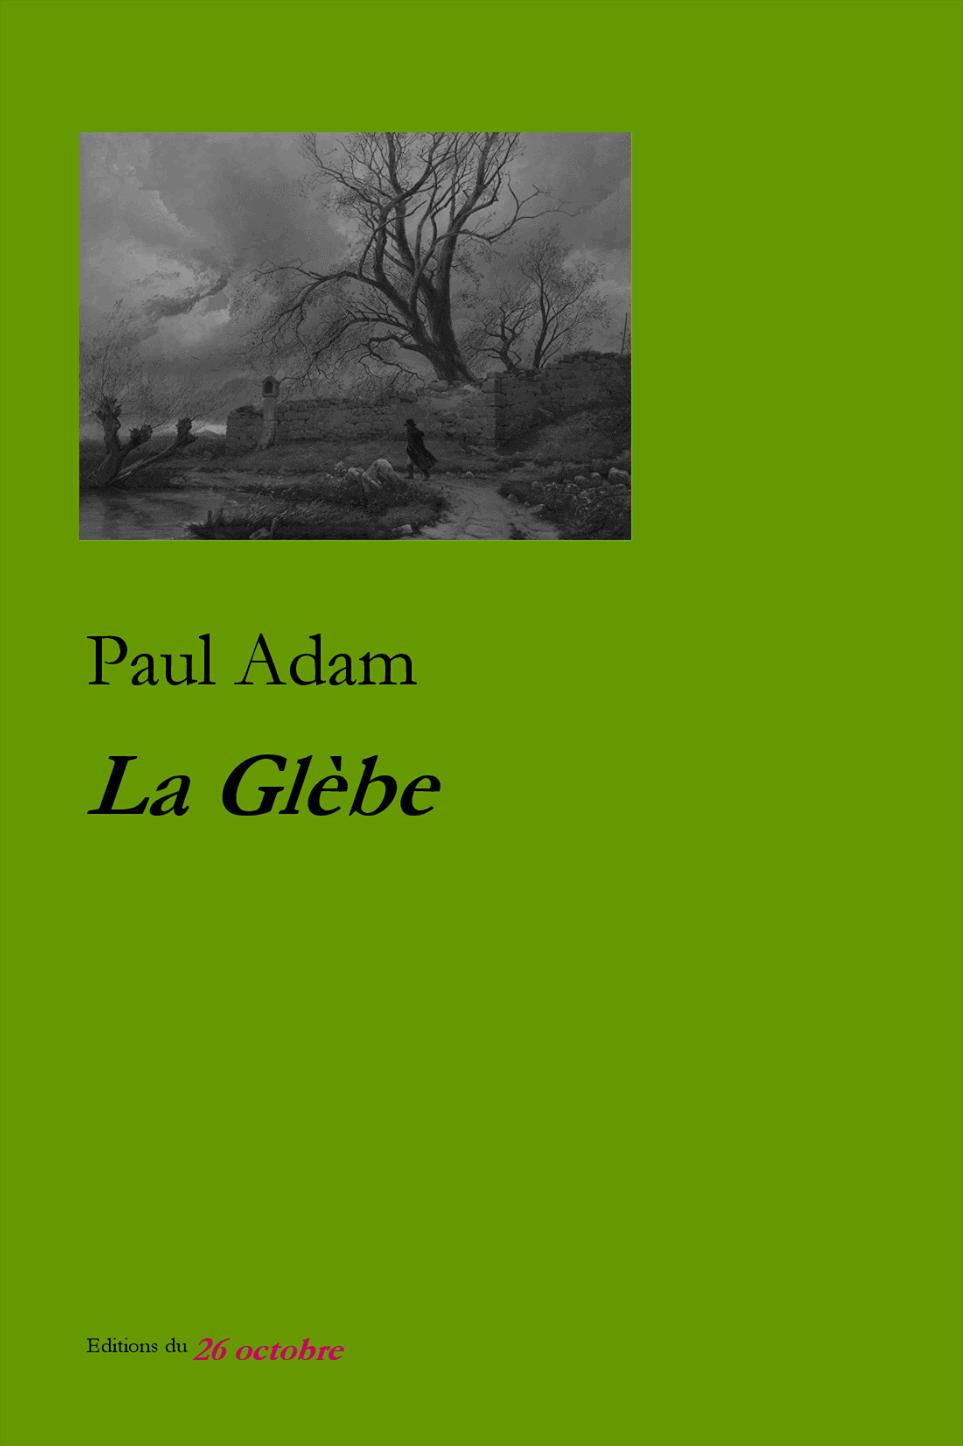 La Glèbe de Paul Adam.